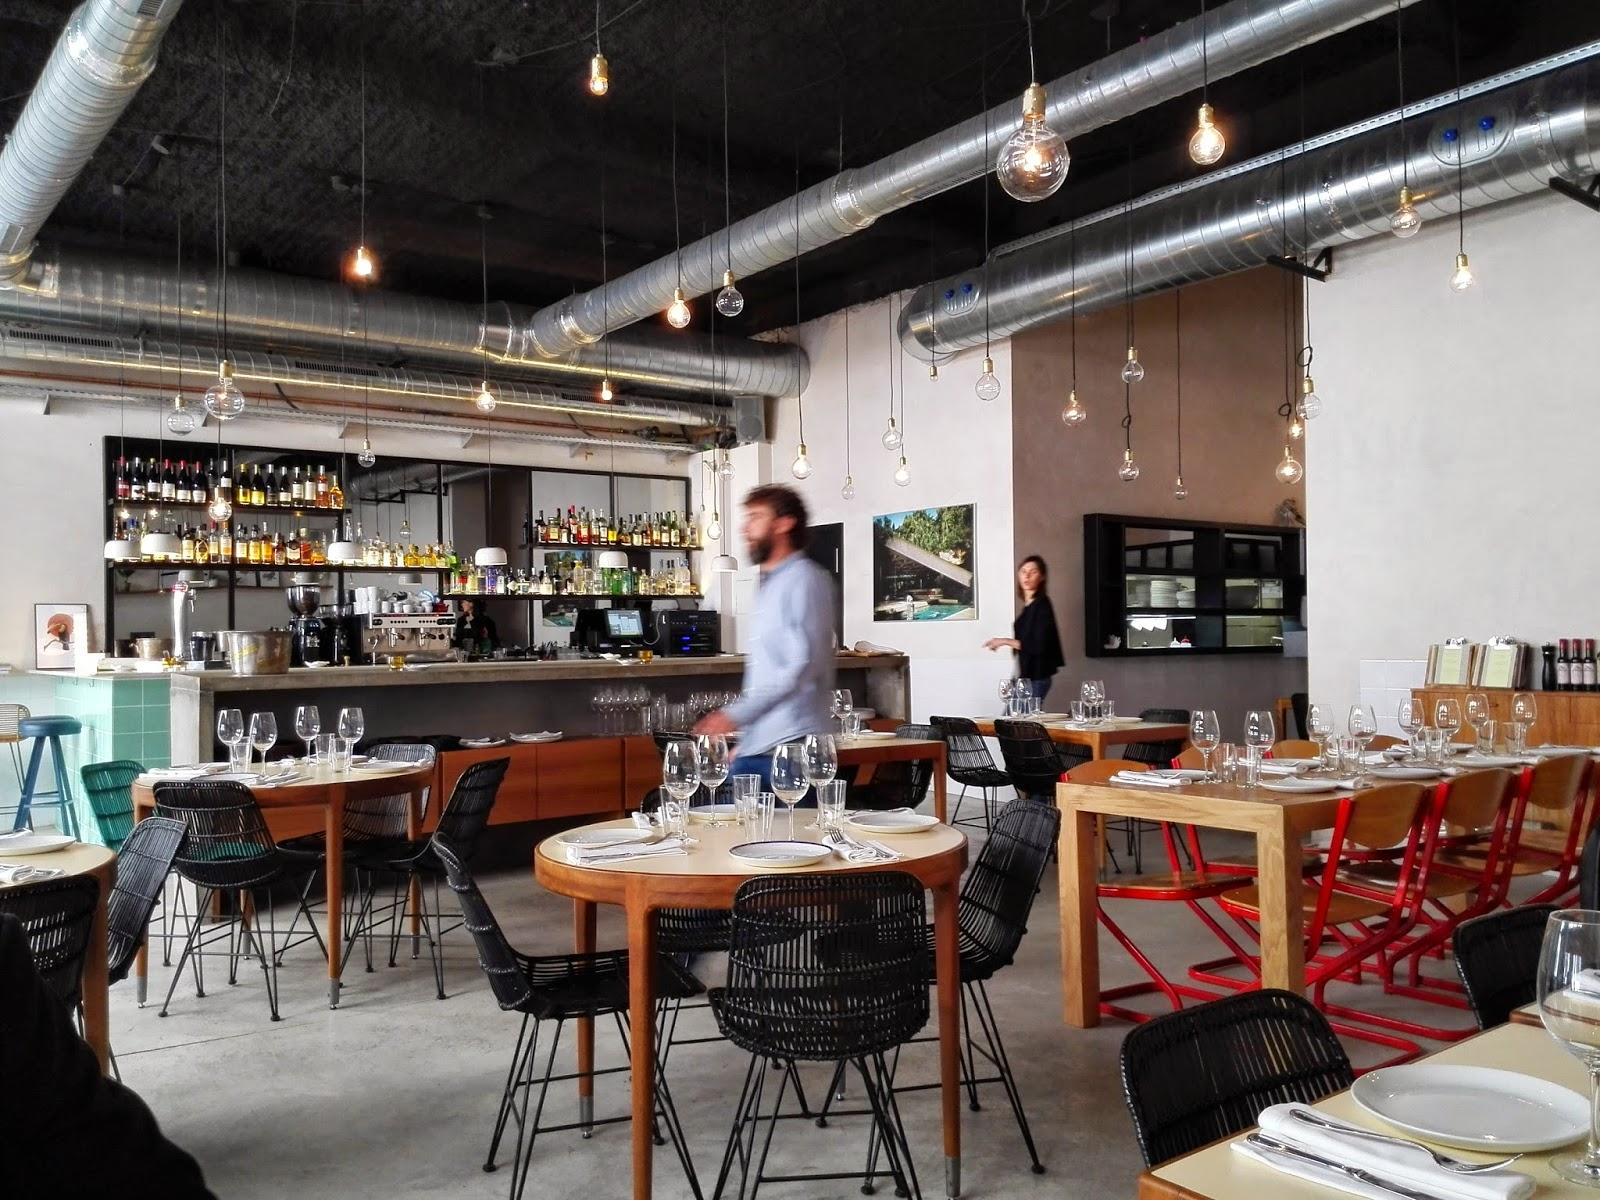 La cocina de los valientes restaurante lando barcelona for La cocina de los valientes